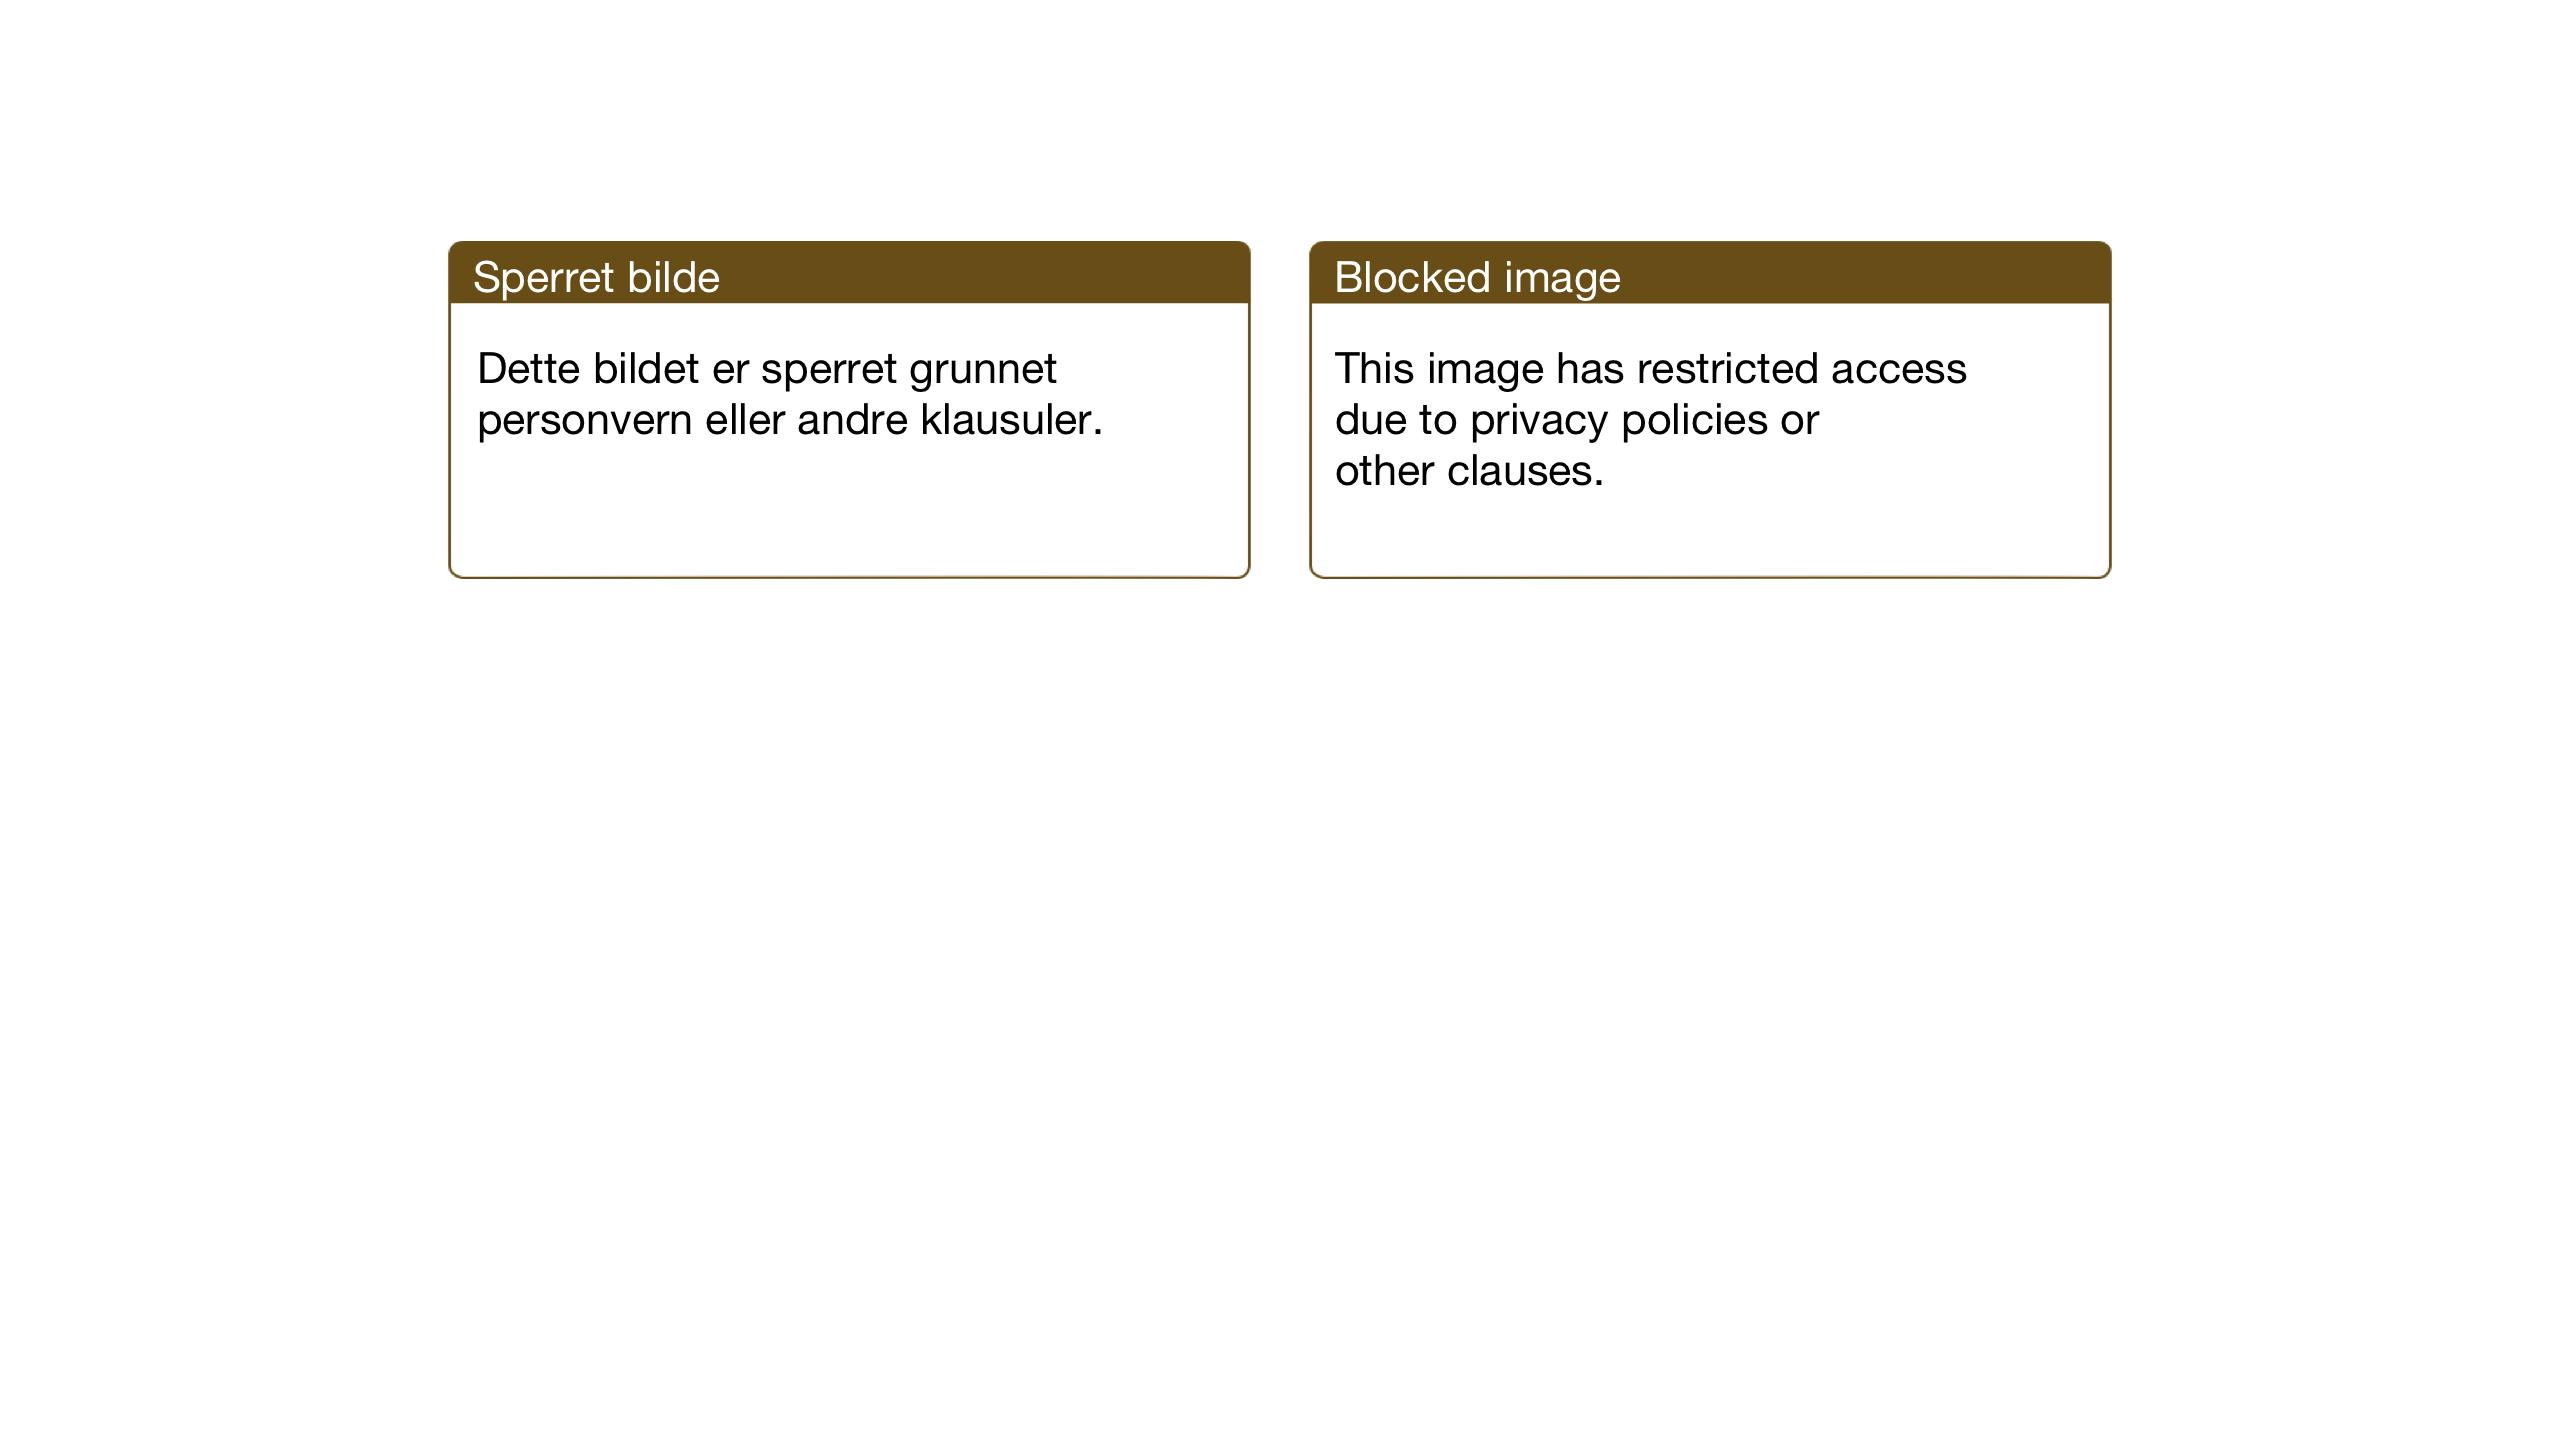 SAT, Ministerialprotokoller, klokkerbøker og fødselsregistre - Nord-Trøndelag, 774/L0631: Klokkerbok nr. 774C02, 1934-1950, s. 14